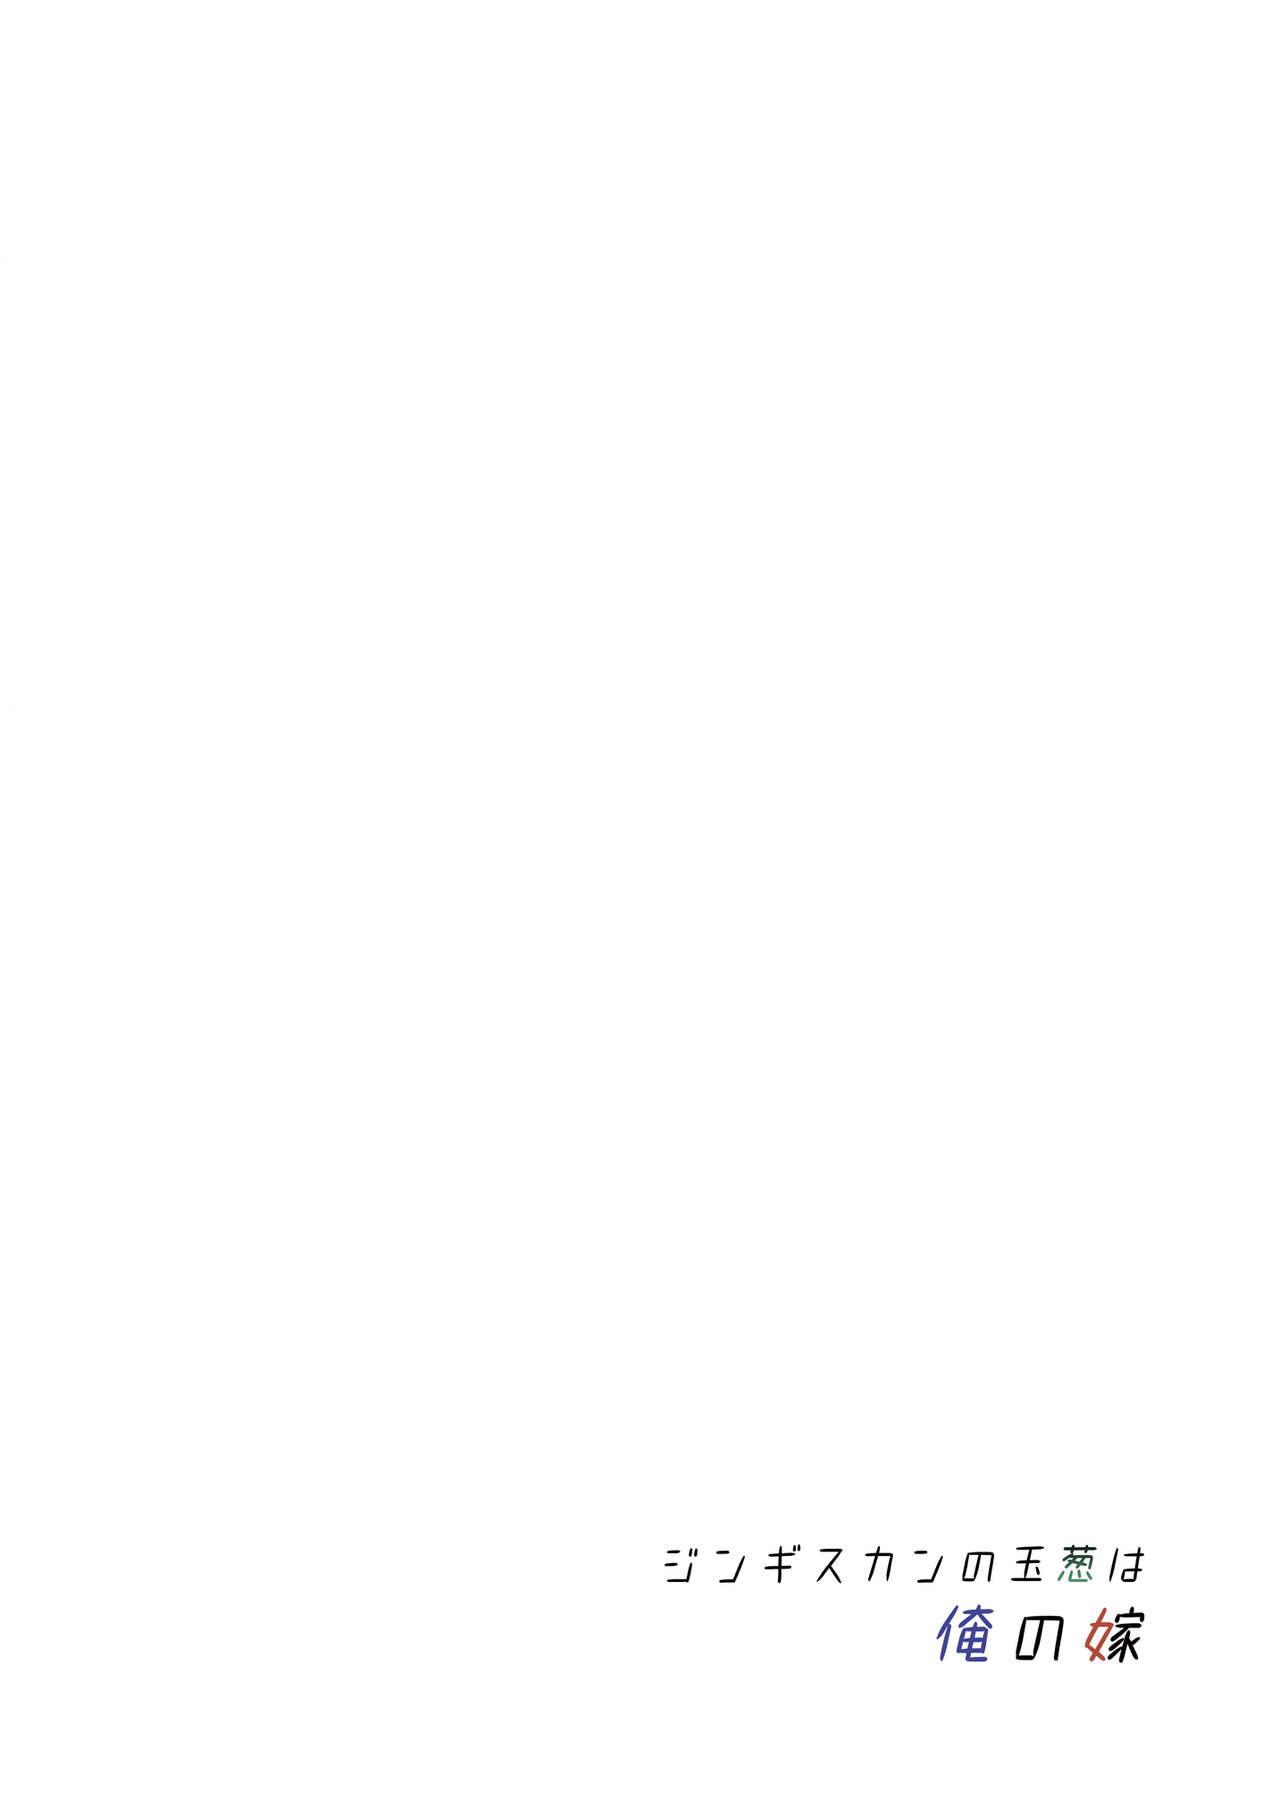 [Taniguchi-san] Kimi -Jeanne- ni Naru 2.0 (Fate/Grand Order) 25